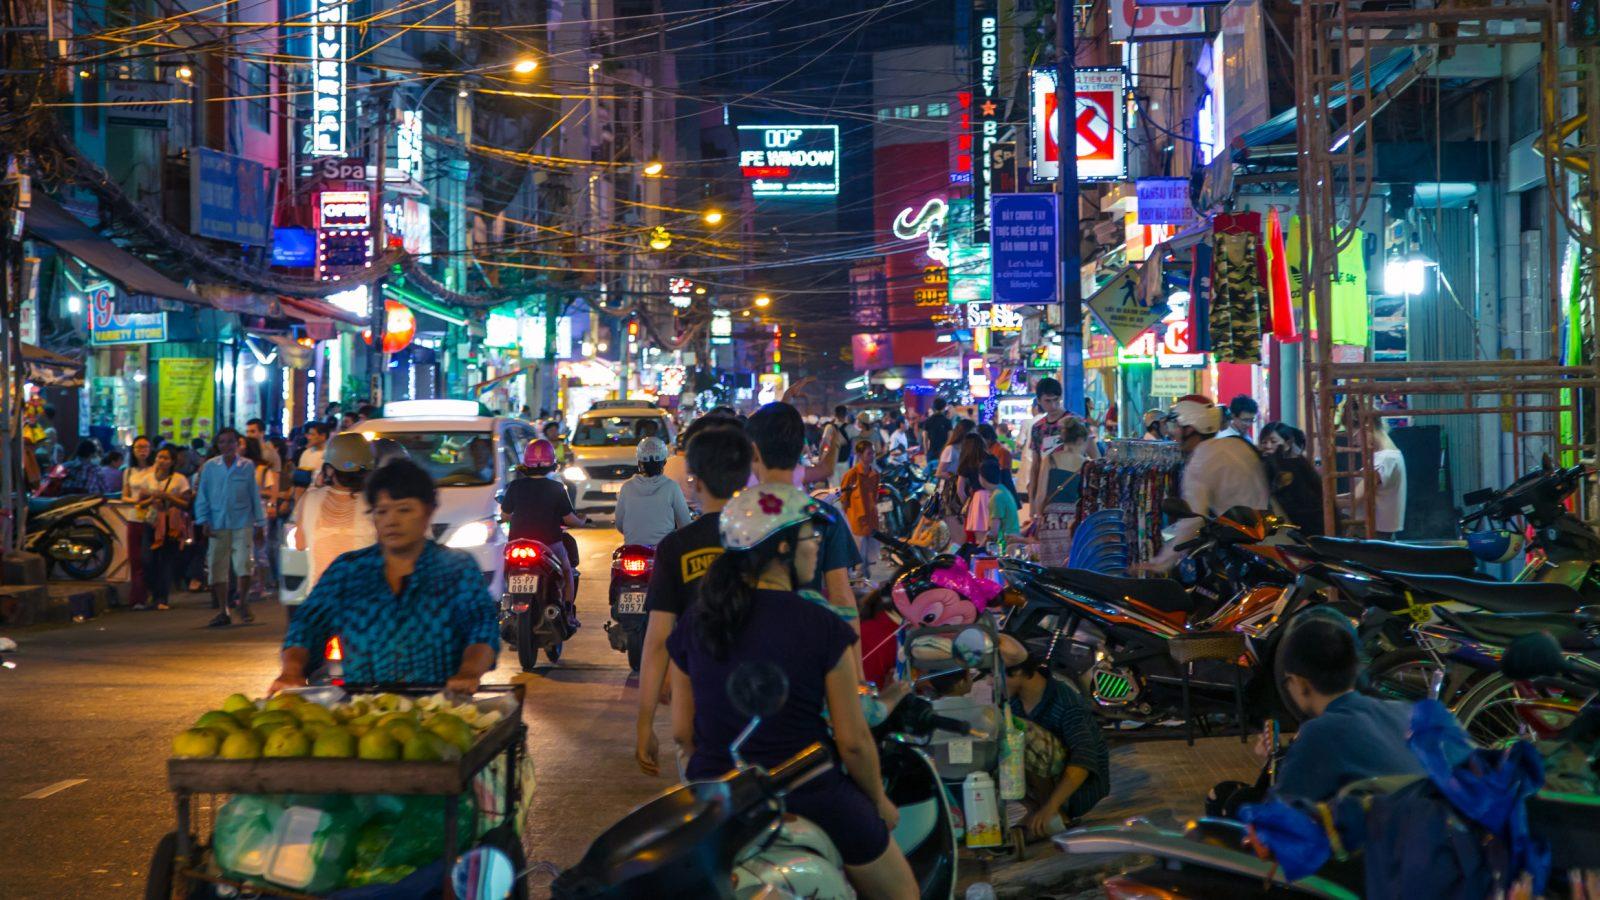 Goodnight Saigon